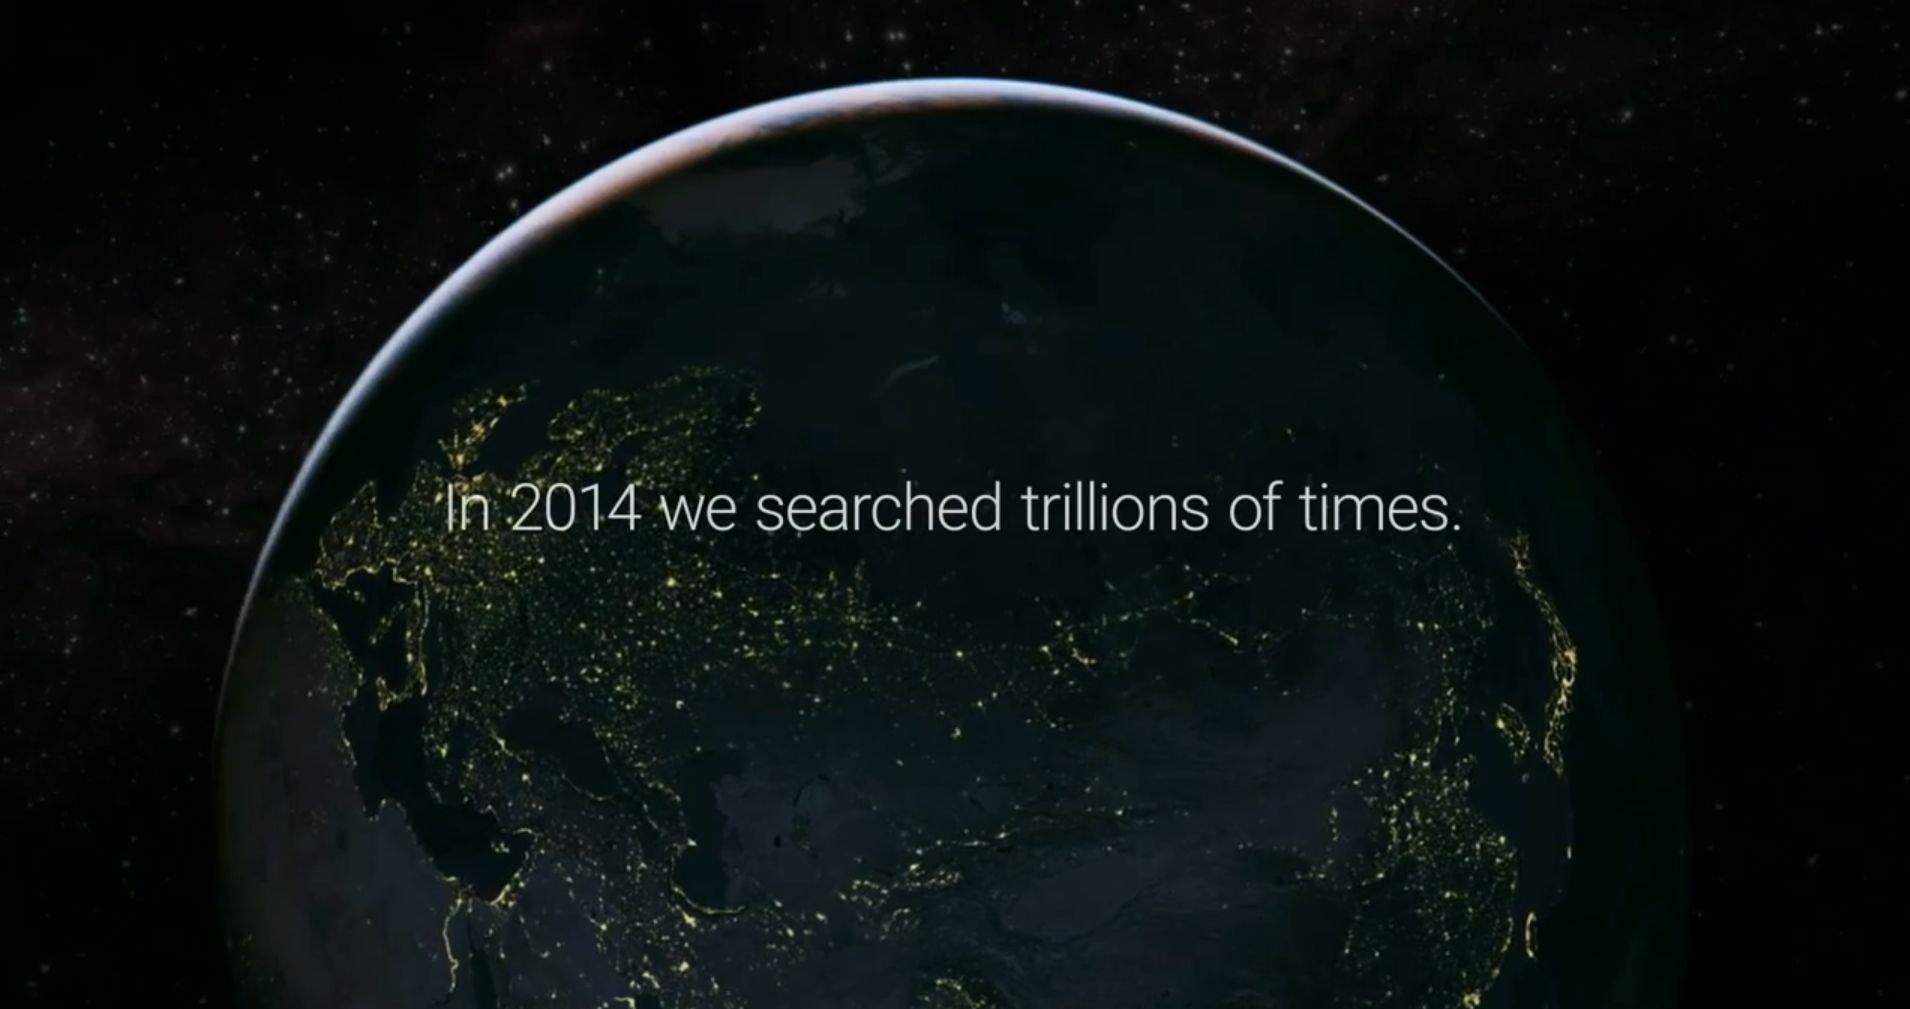 Schermata iniziale del video un anno di ricerche 2014